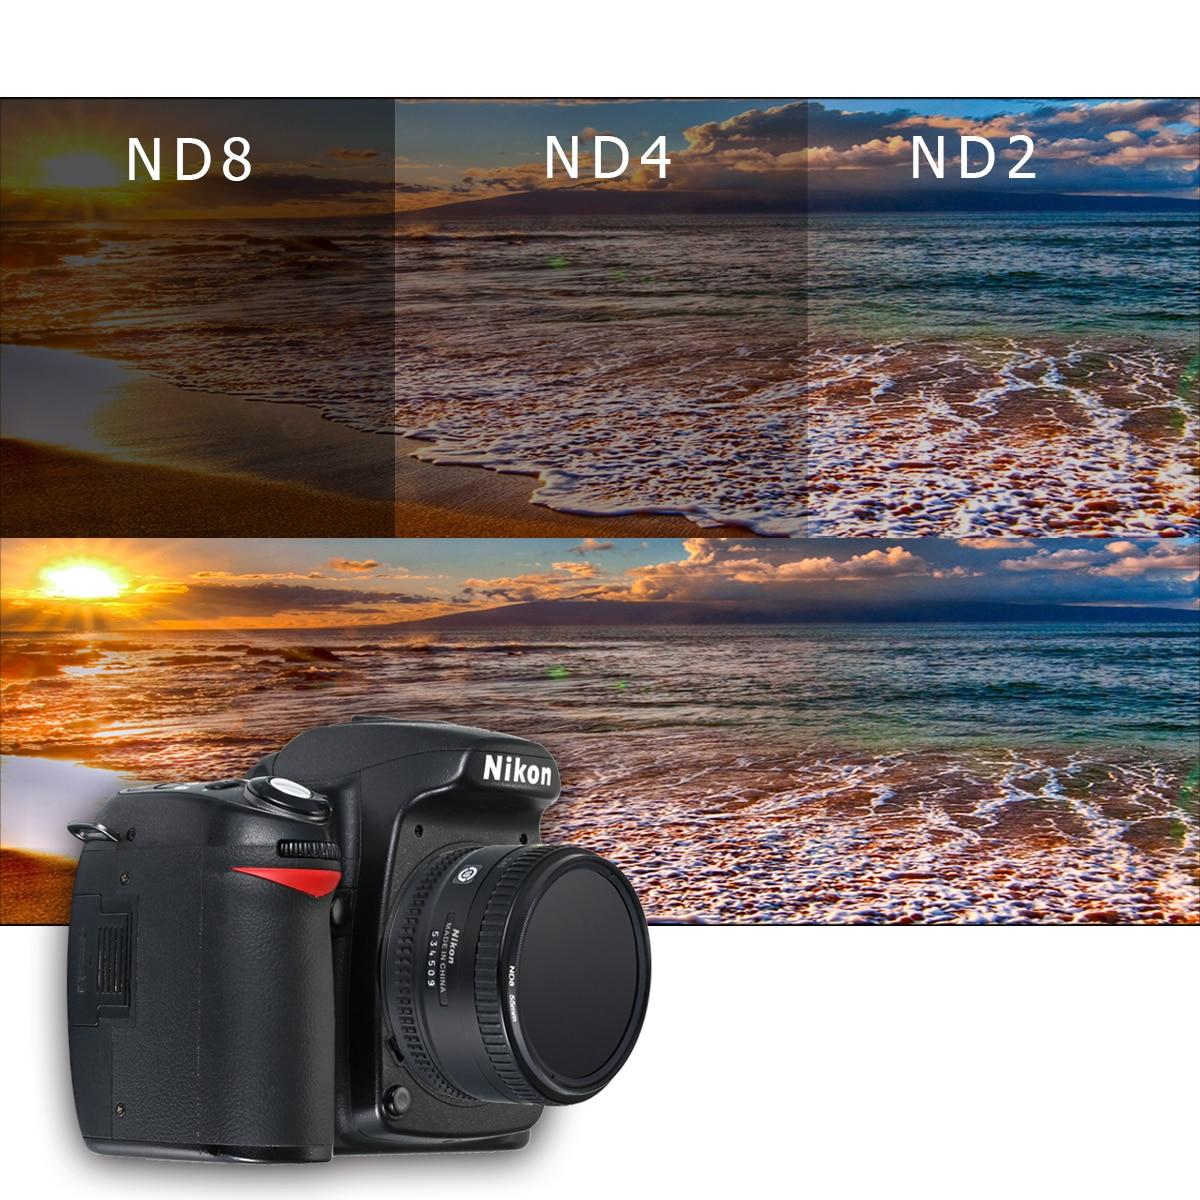 дома фотографии сделанные с фильтрами примеры нас сможете